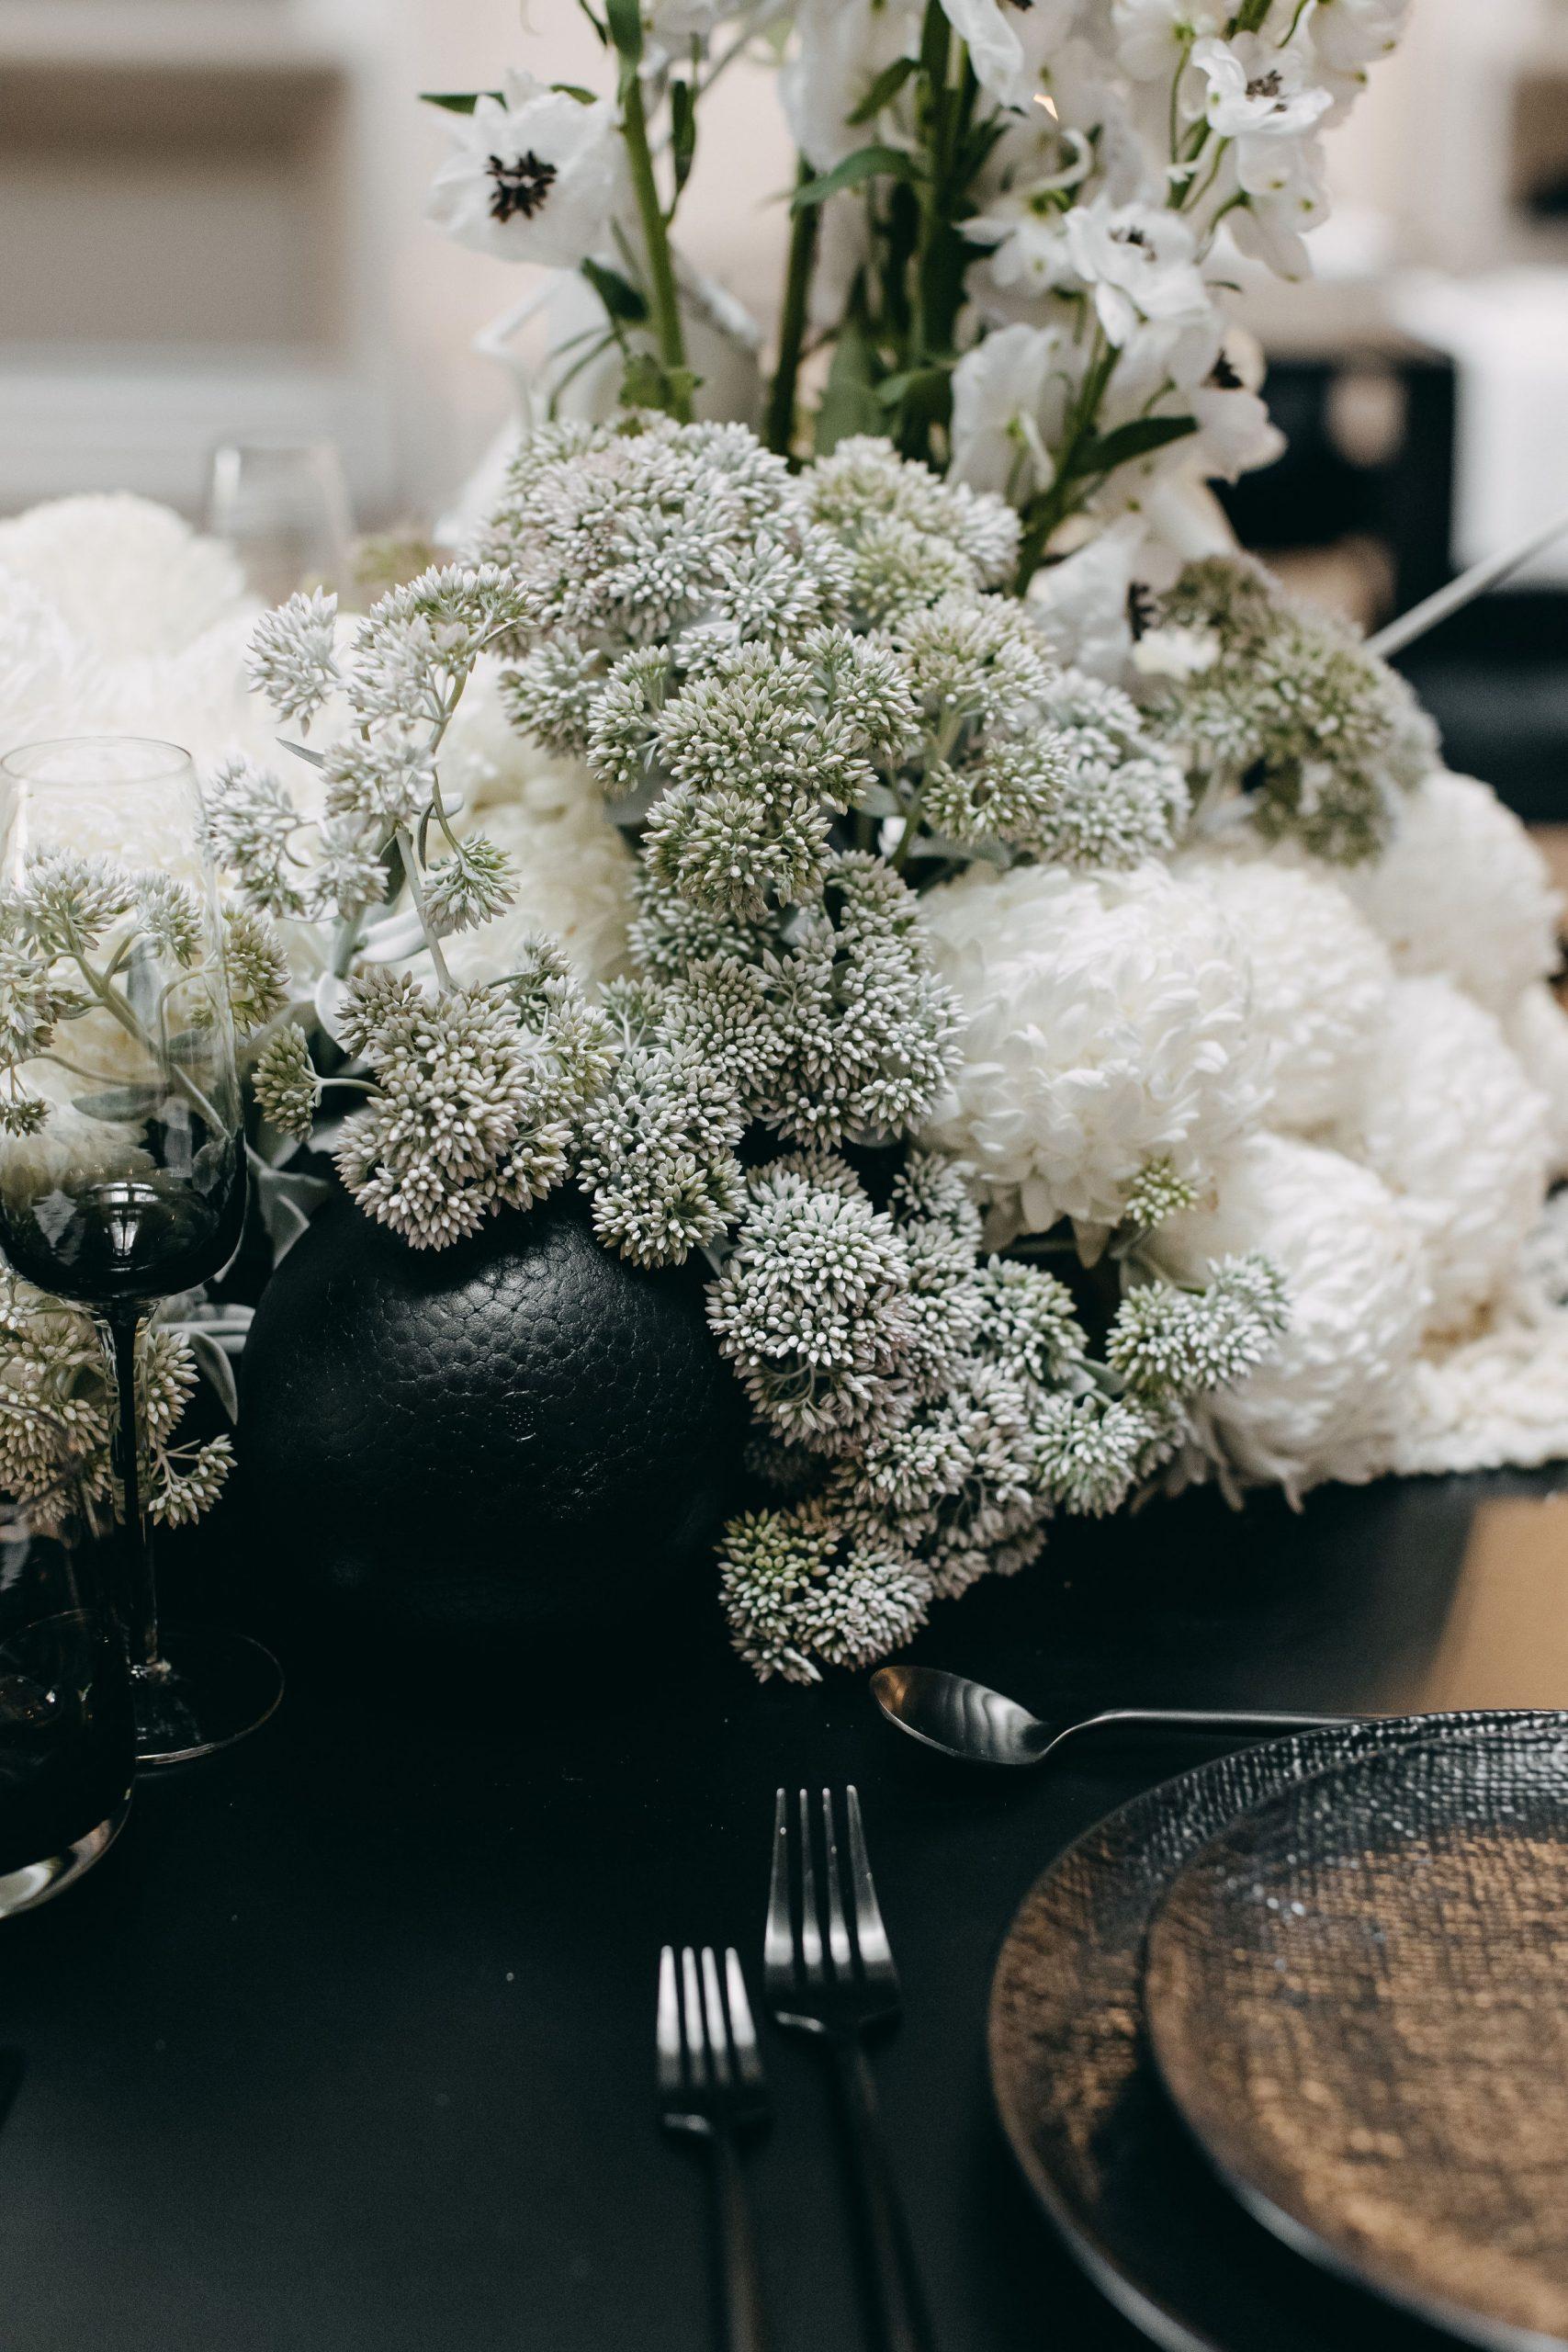 442-WEDDINGOPENDAY-THESTATEBUILDINGS-21FEB2021